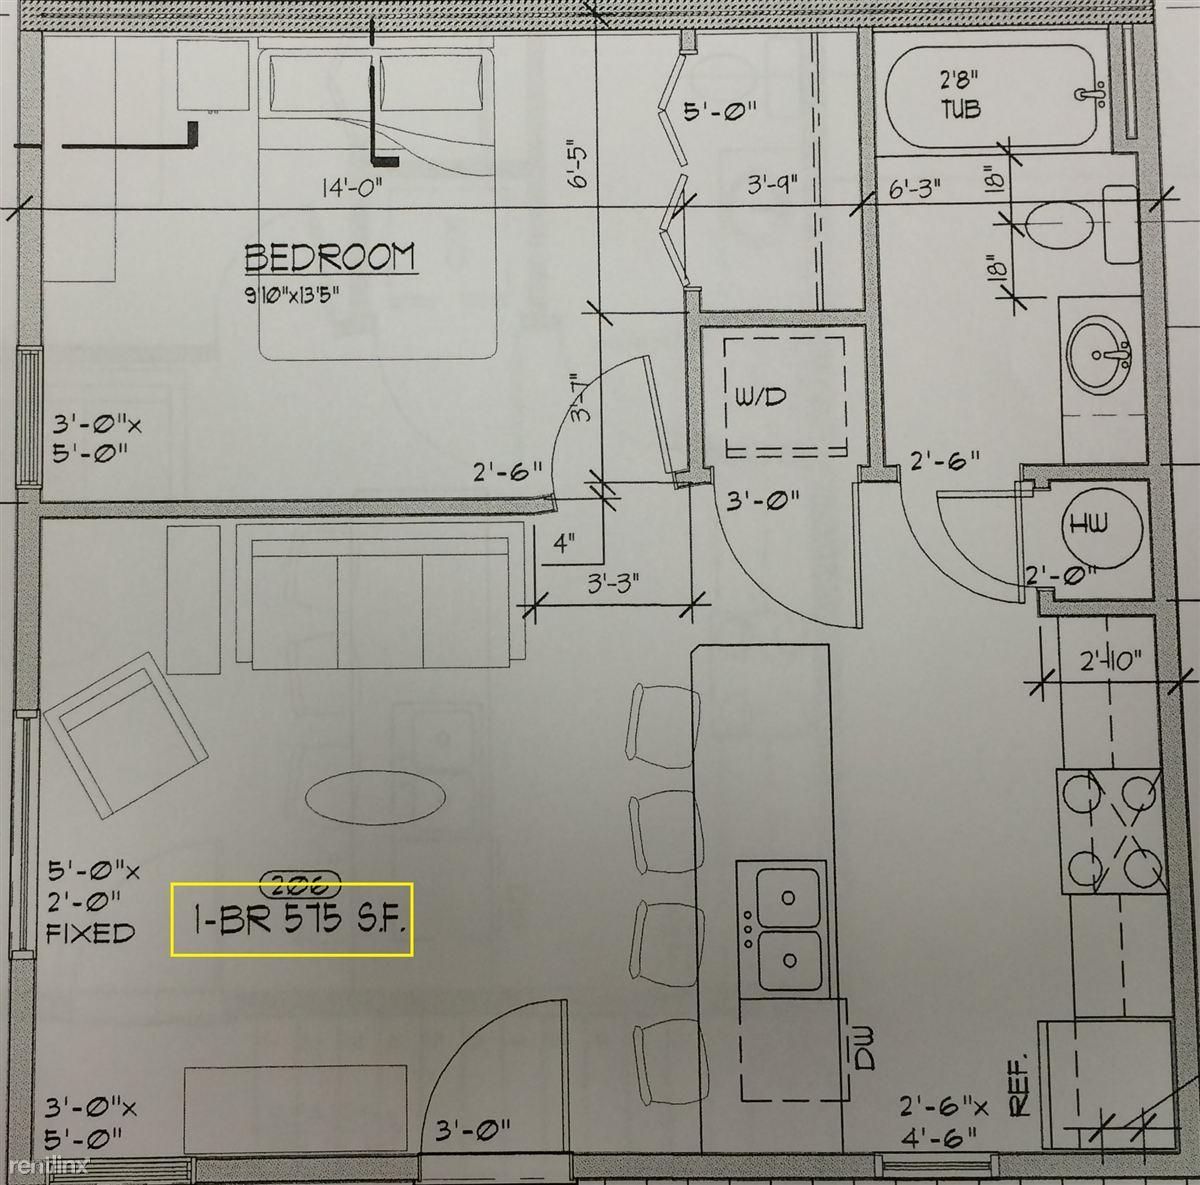 1 bed 12plex